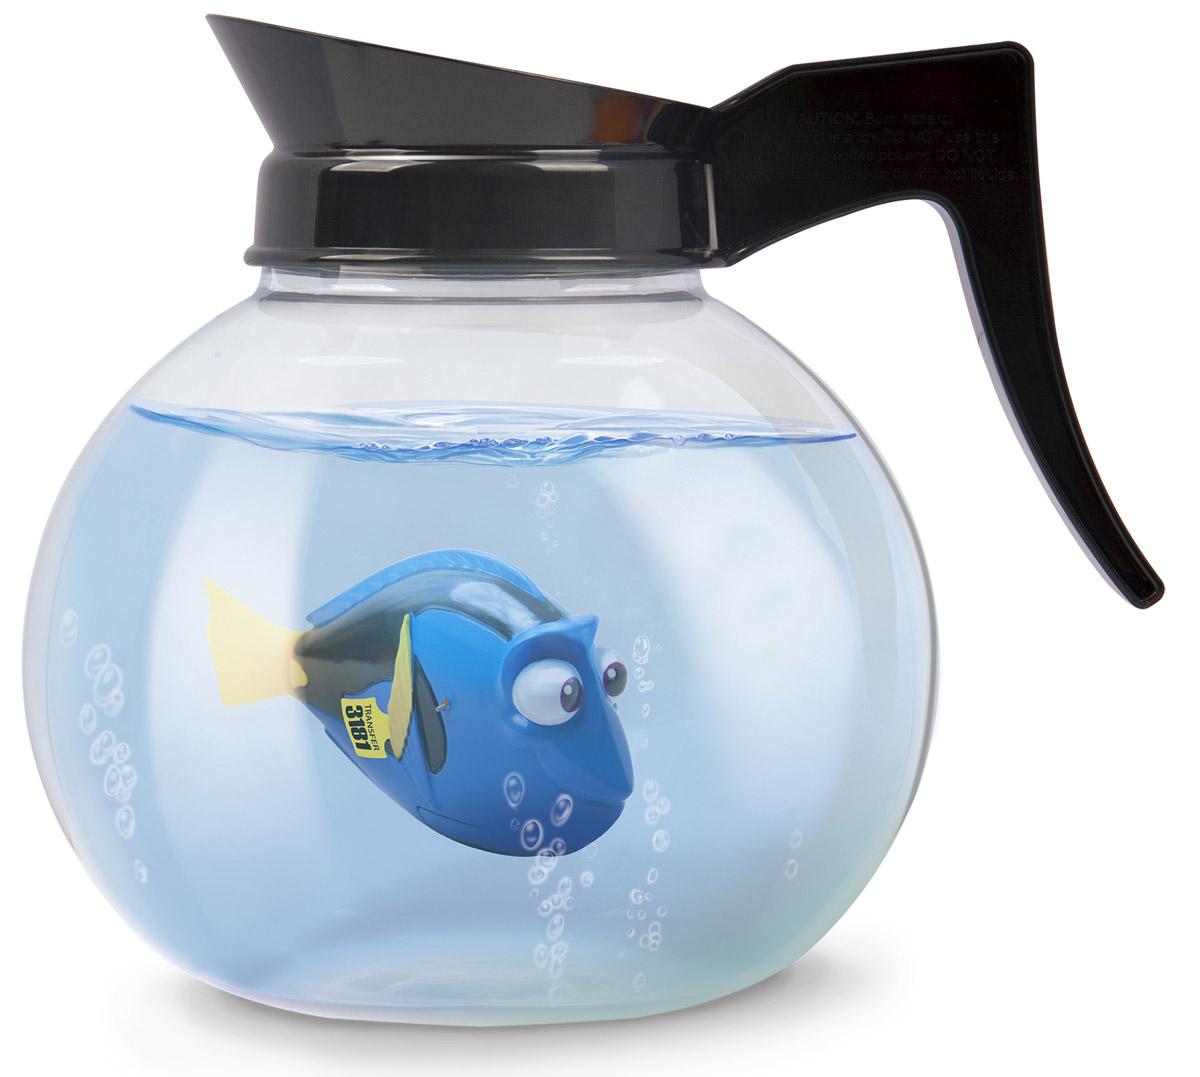 Dory Робот Рыбка Дори и аквариум-кофейник25171В набор входит: Аквариум в виде кофейника и роборыбка Дори